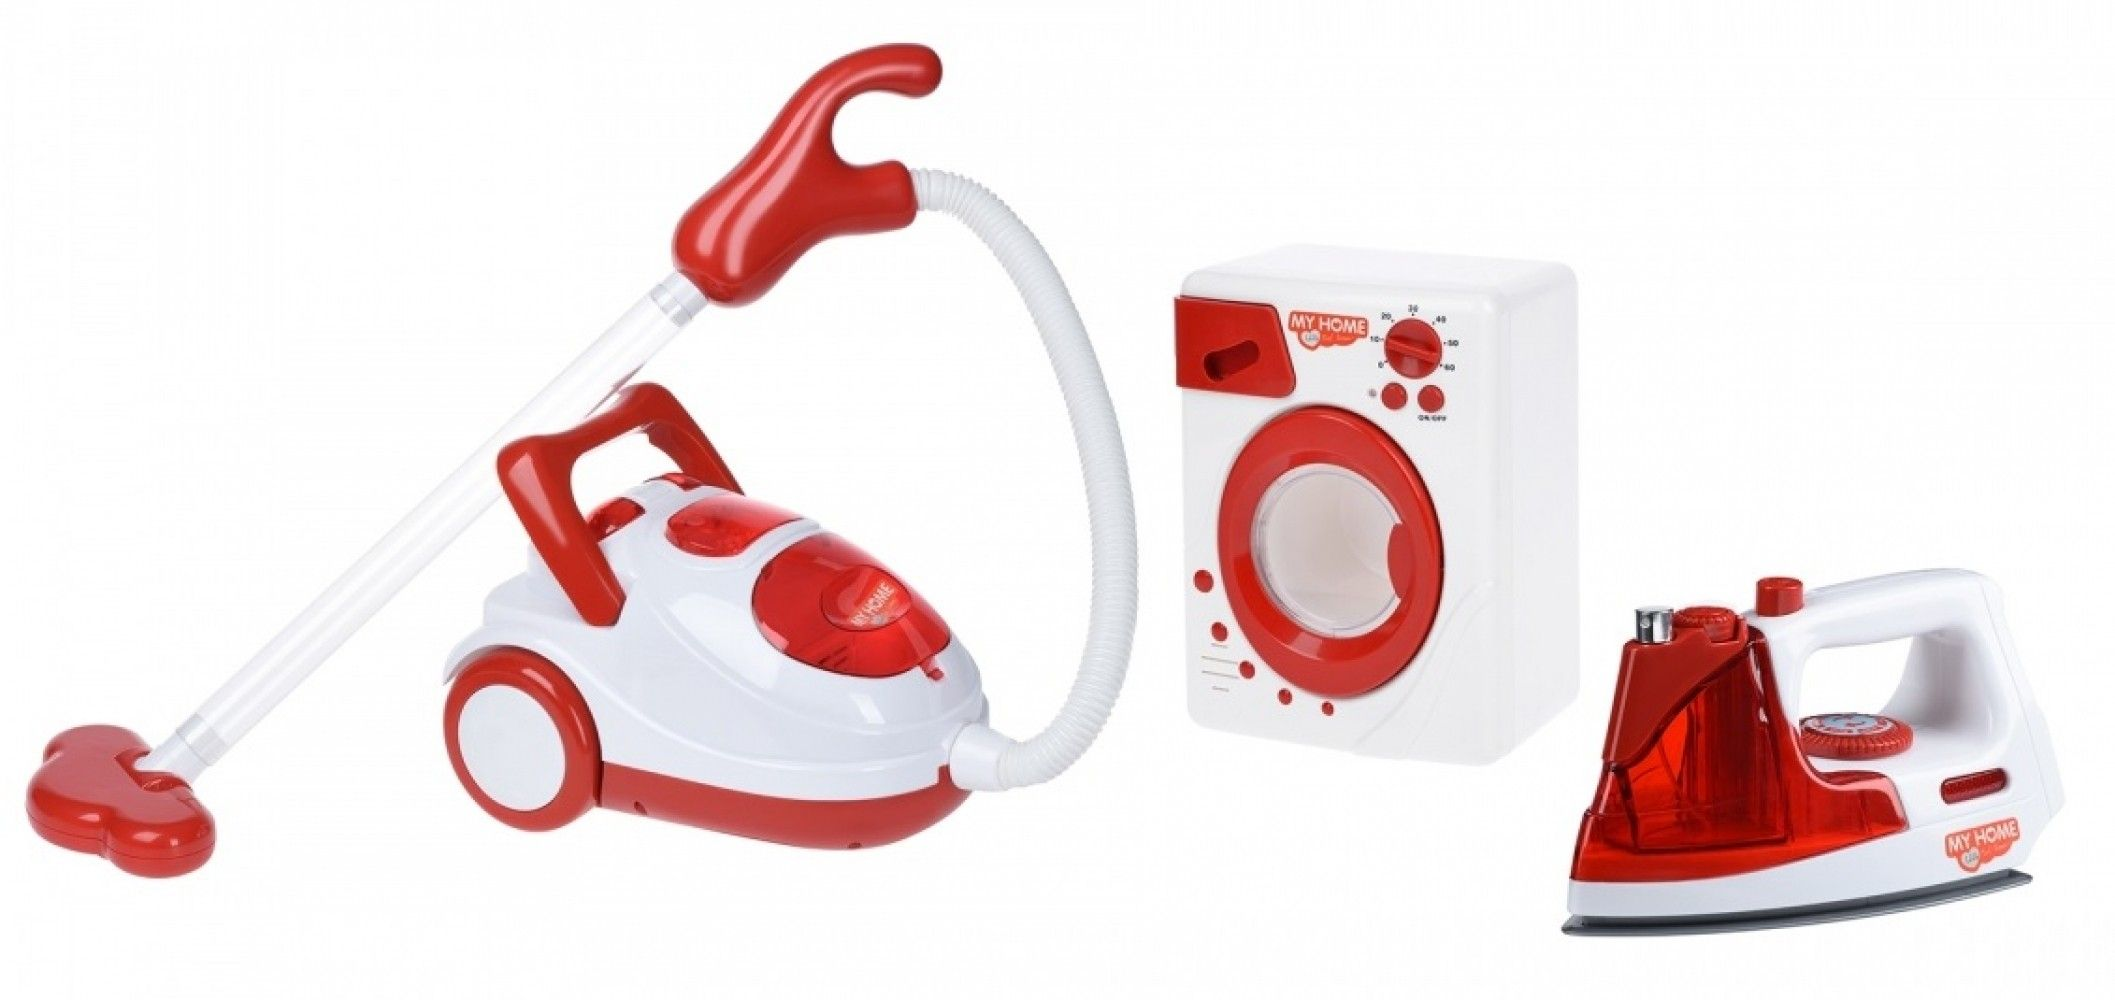 Купить Игровой набор Same Toy My Home Little Chef Dream Бытовая техника (3203Ut)